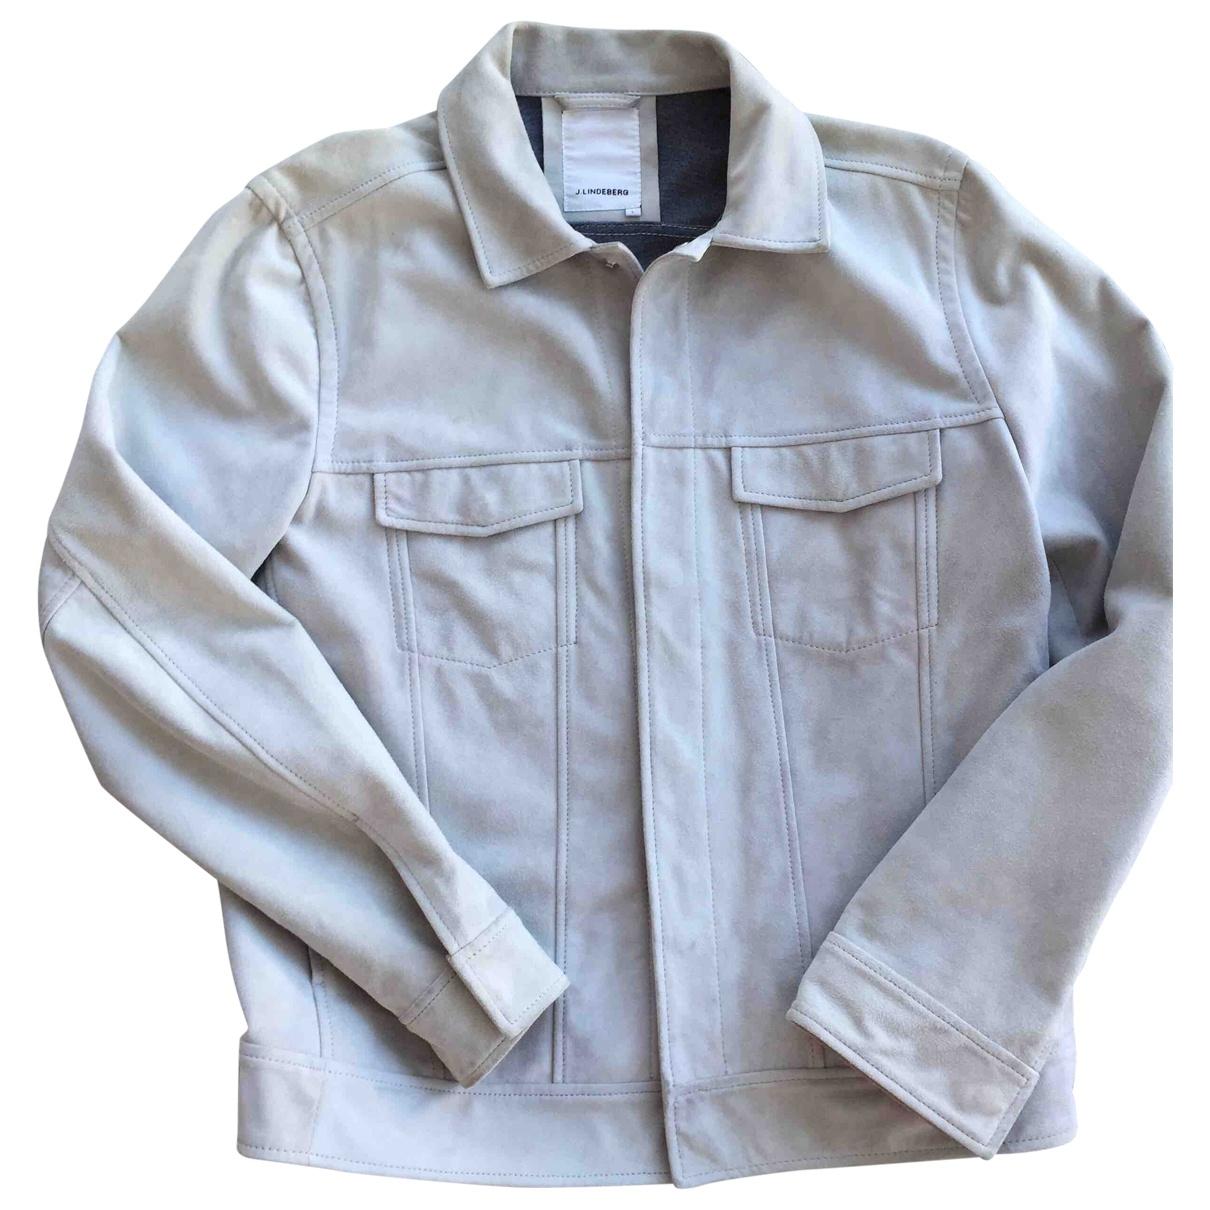 J.lindeberg \N Grey Suede jacket  for Men L International